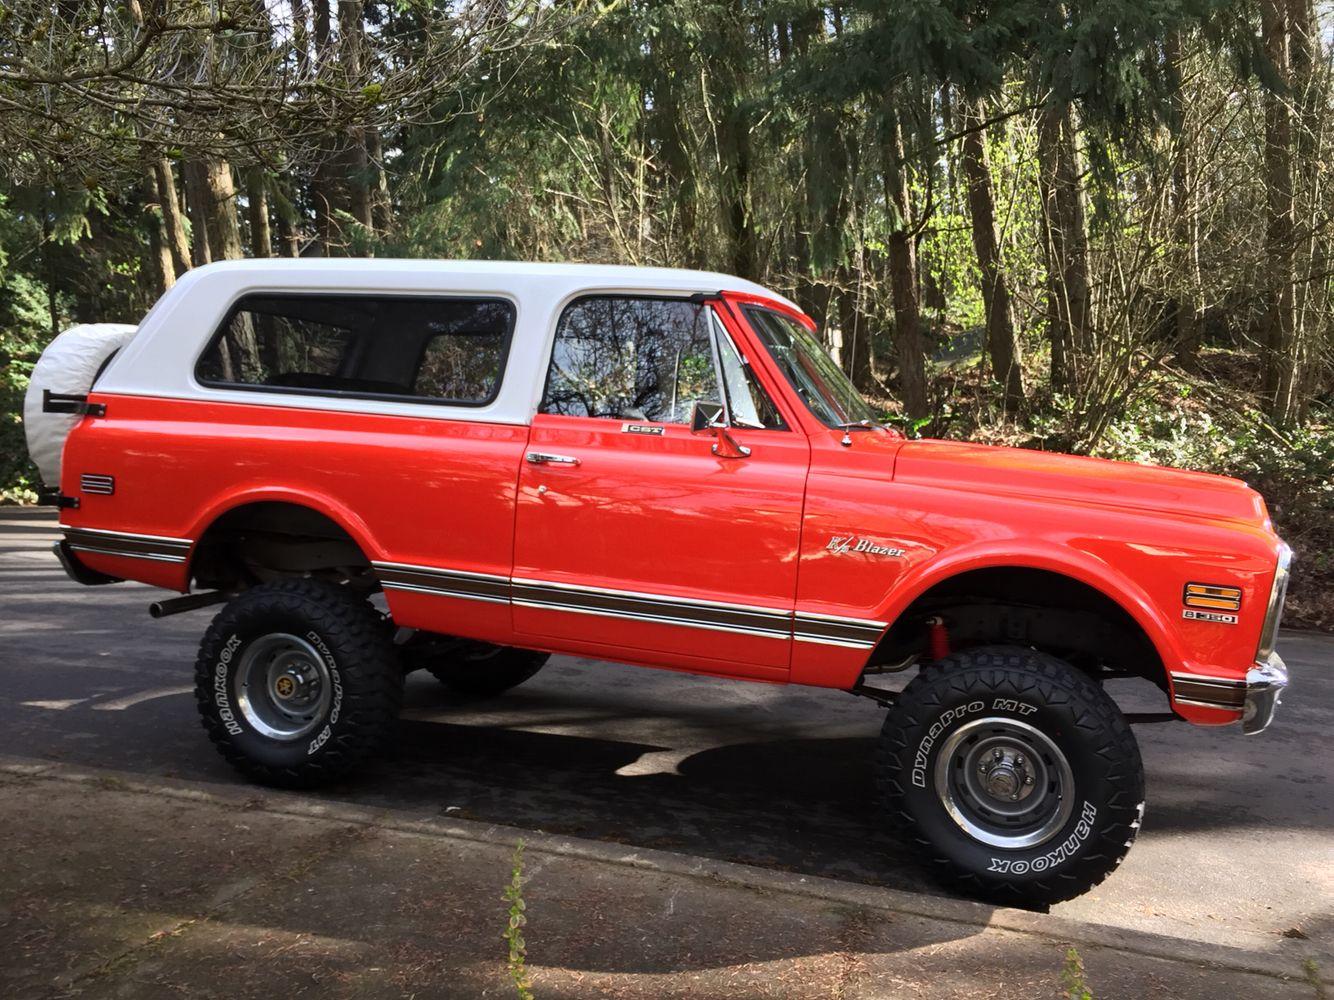 1971 K5 Blazer Cst Hugger Orange Chevrolet Blazer K5 Blazer Chevrolet